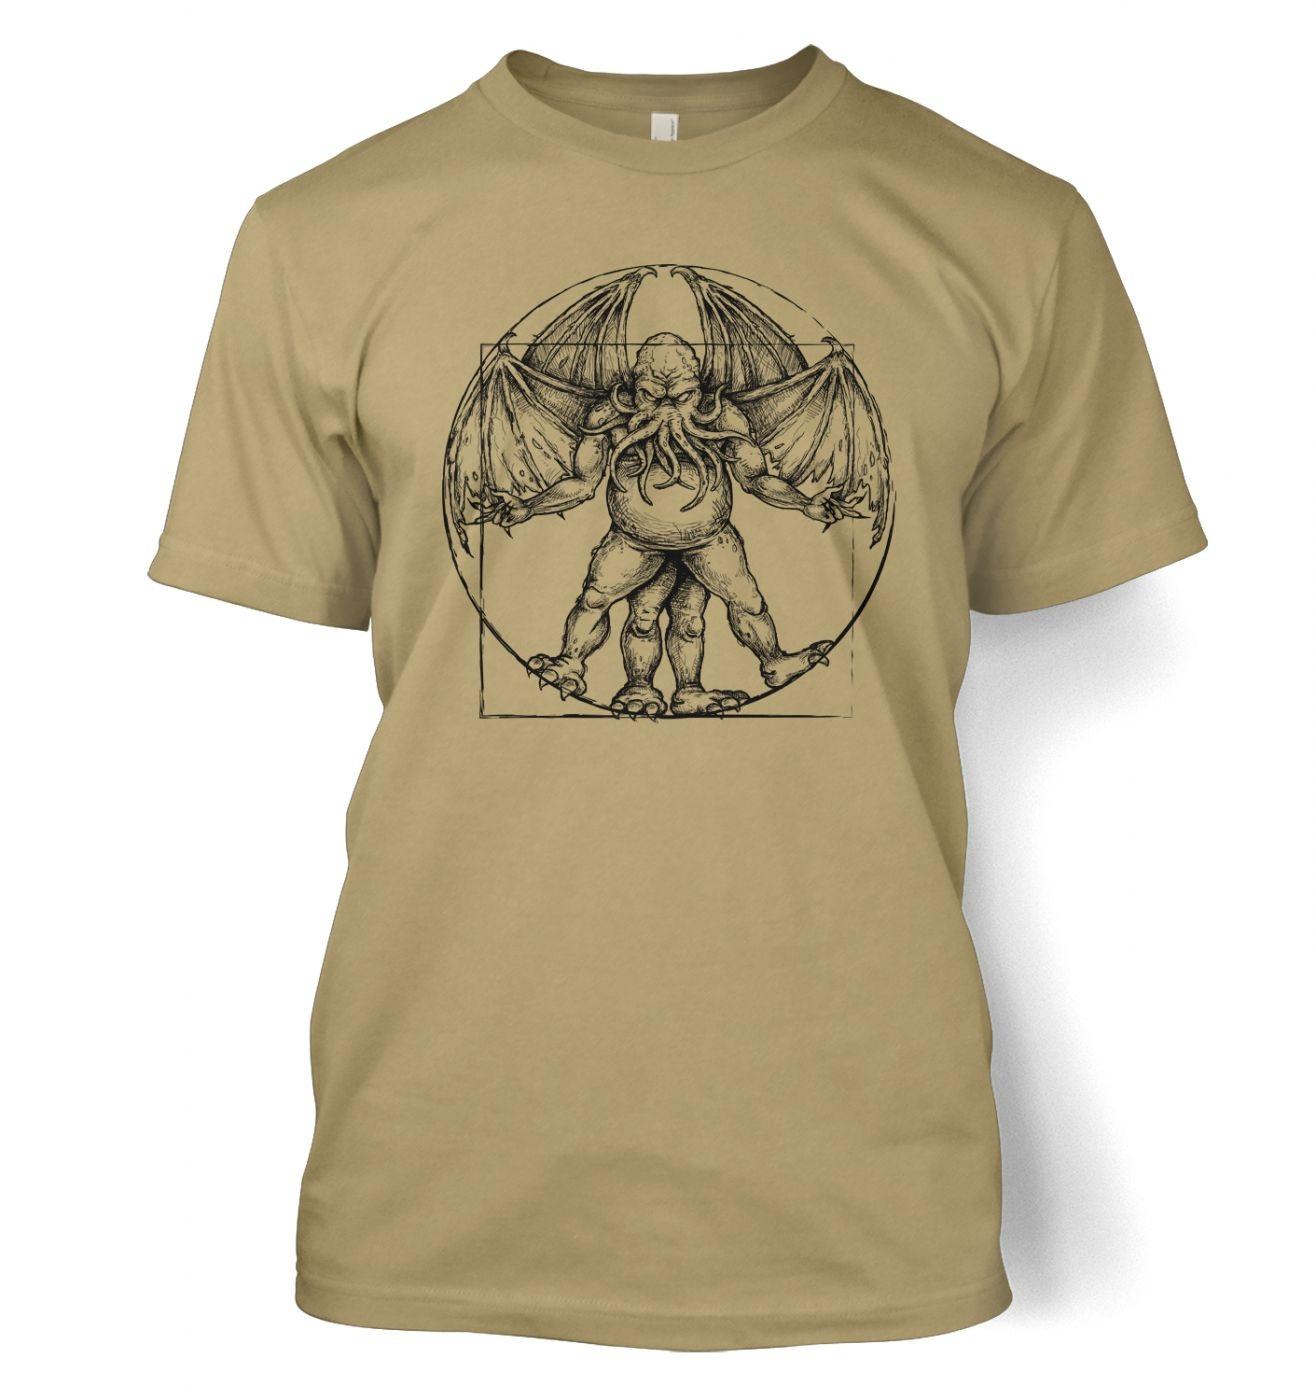 vitruvian cthulhu tshirt somethinggeeky